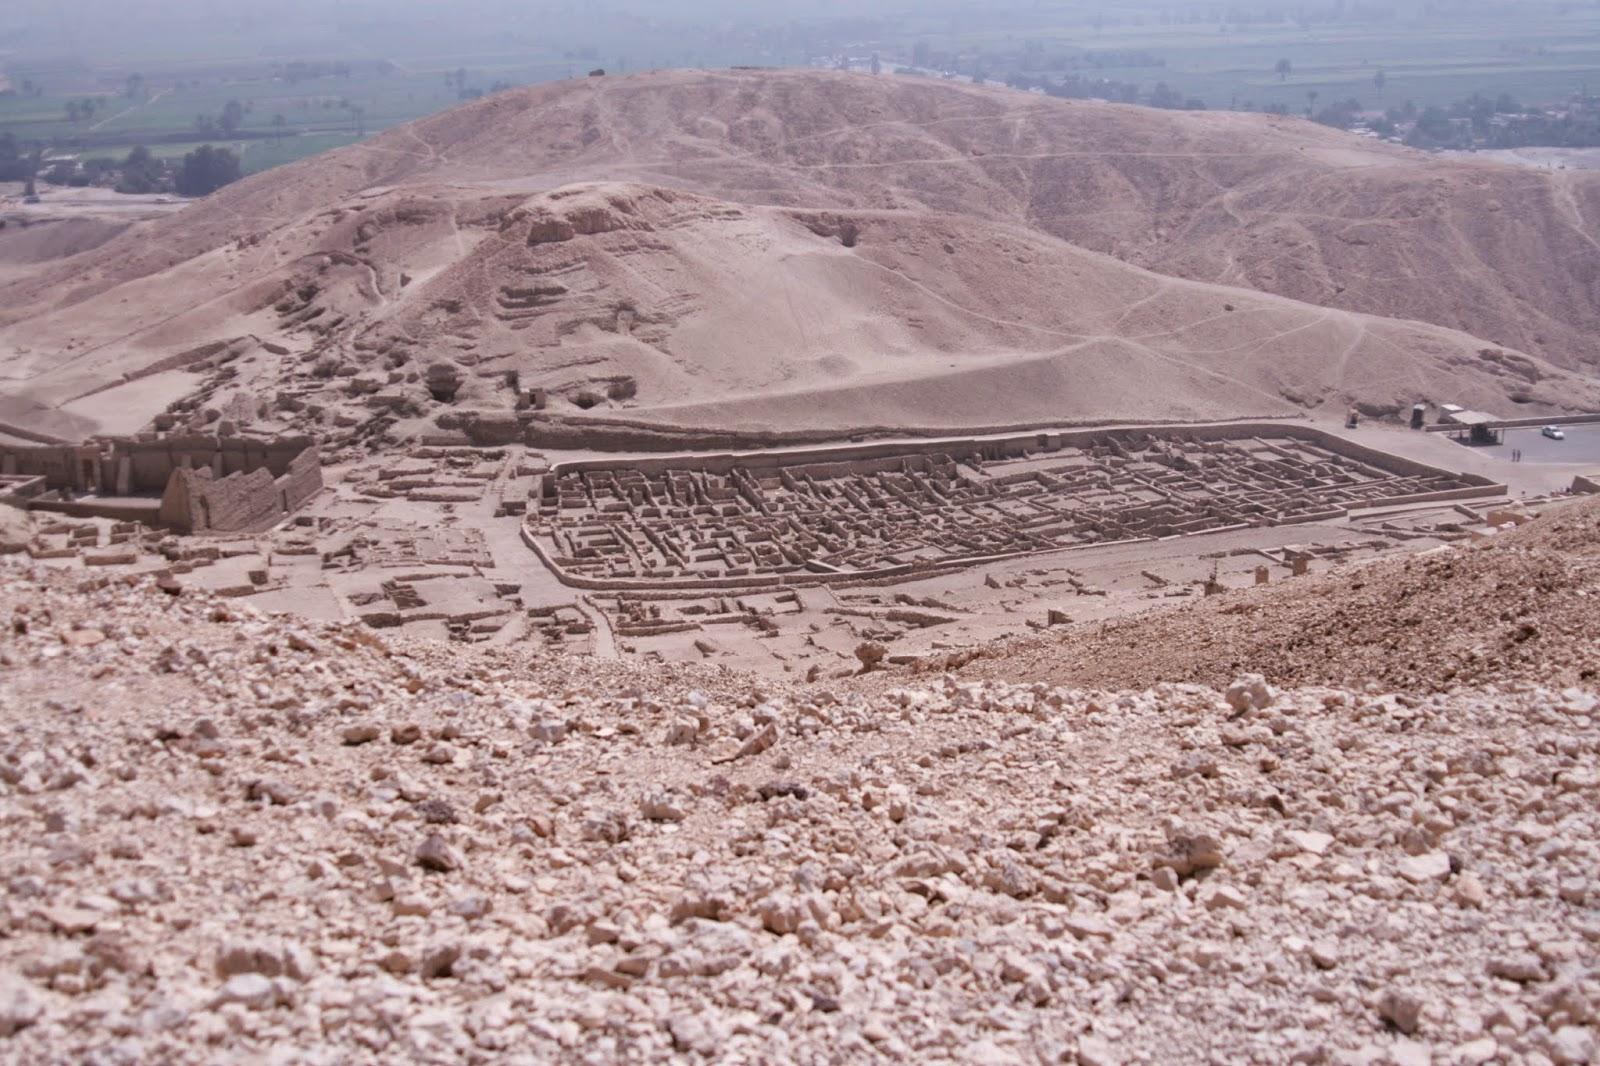 Deir el-Medina Site